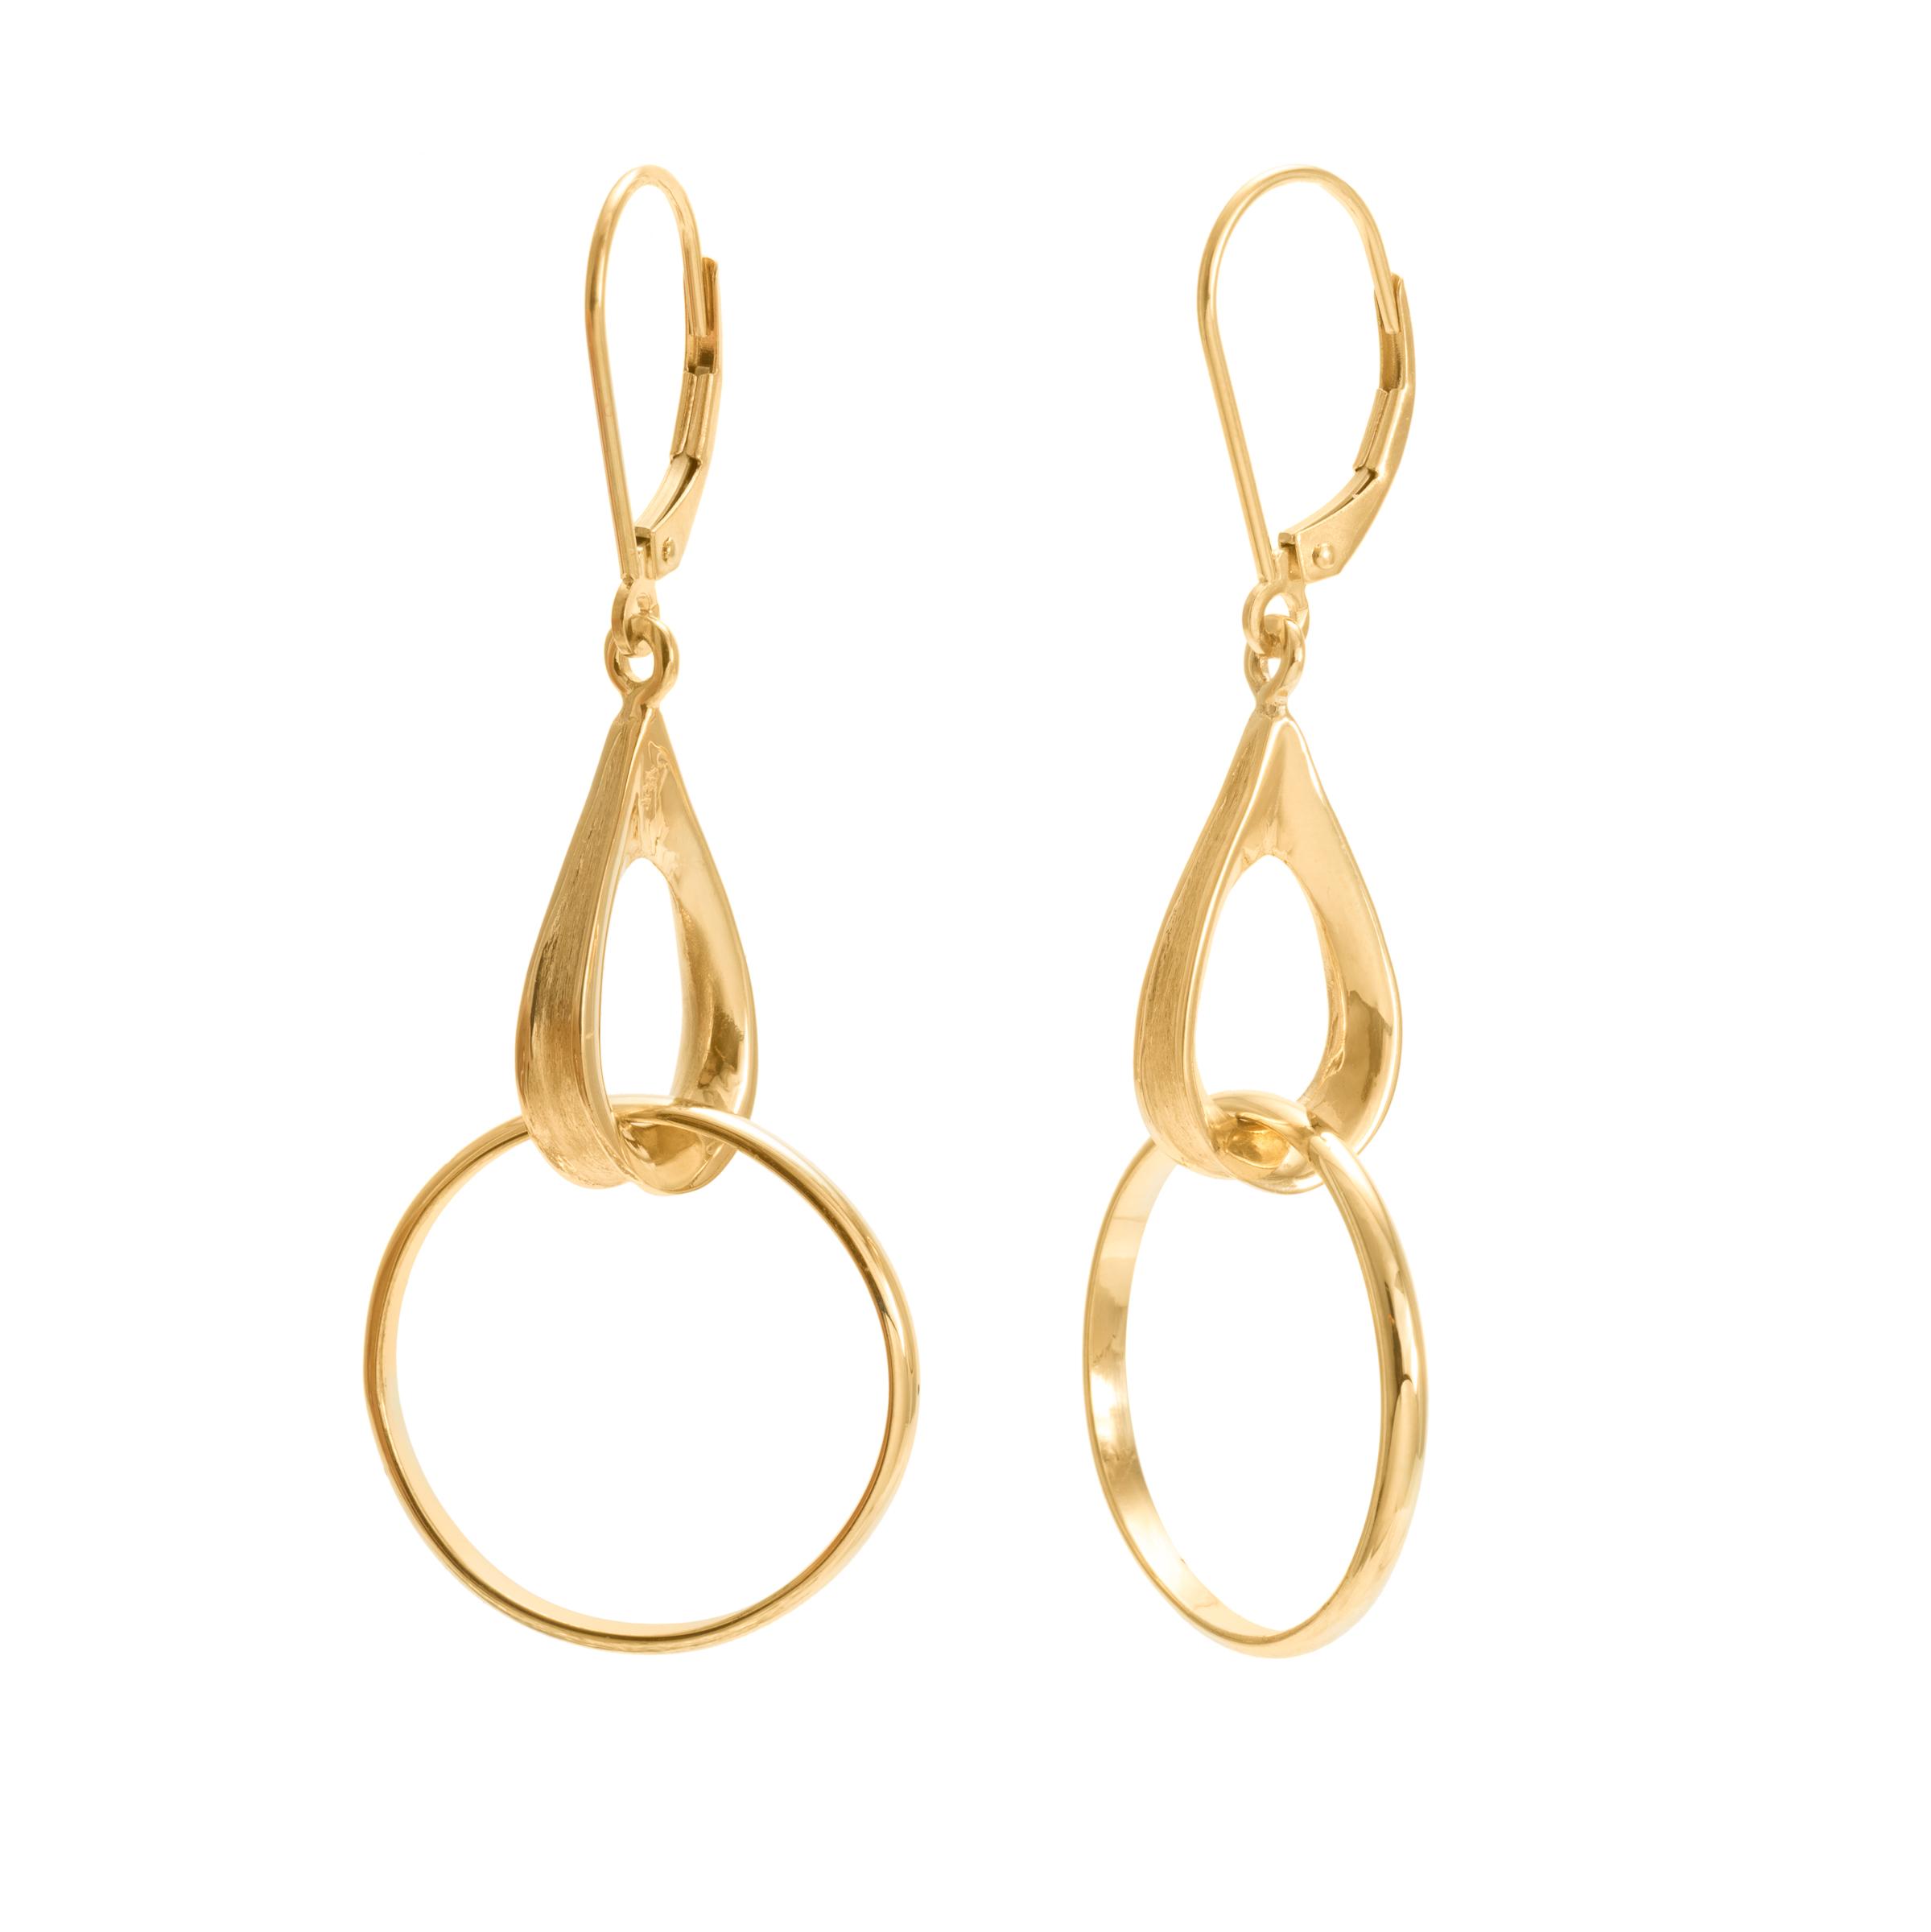 14KY Hanging Hoop Earring